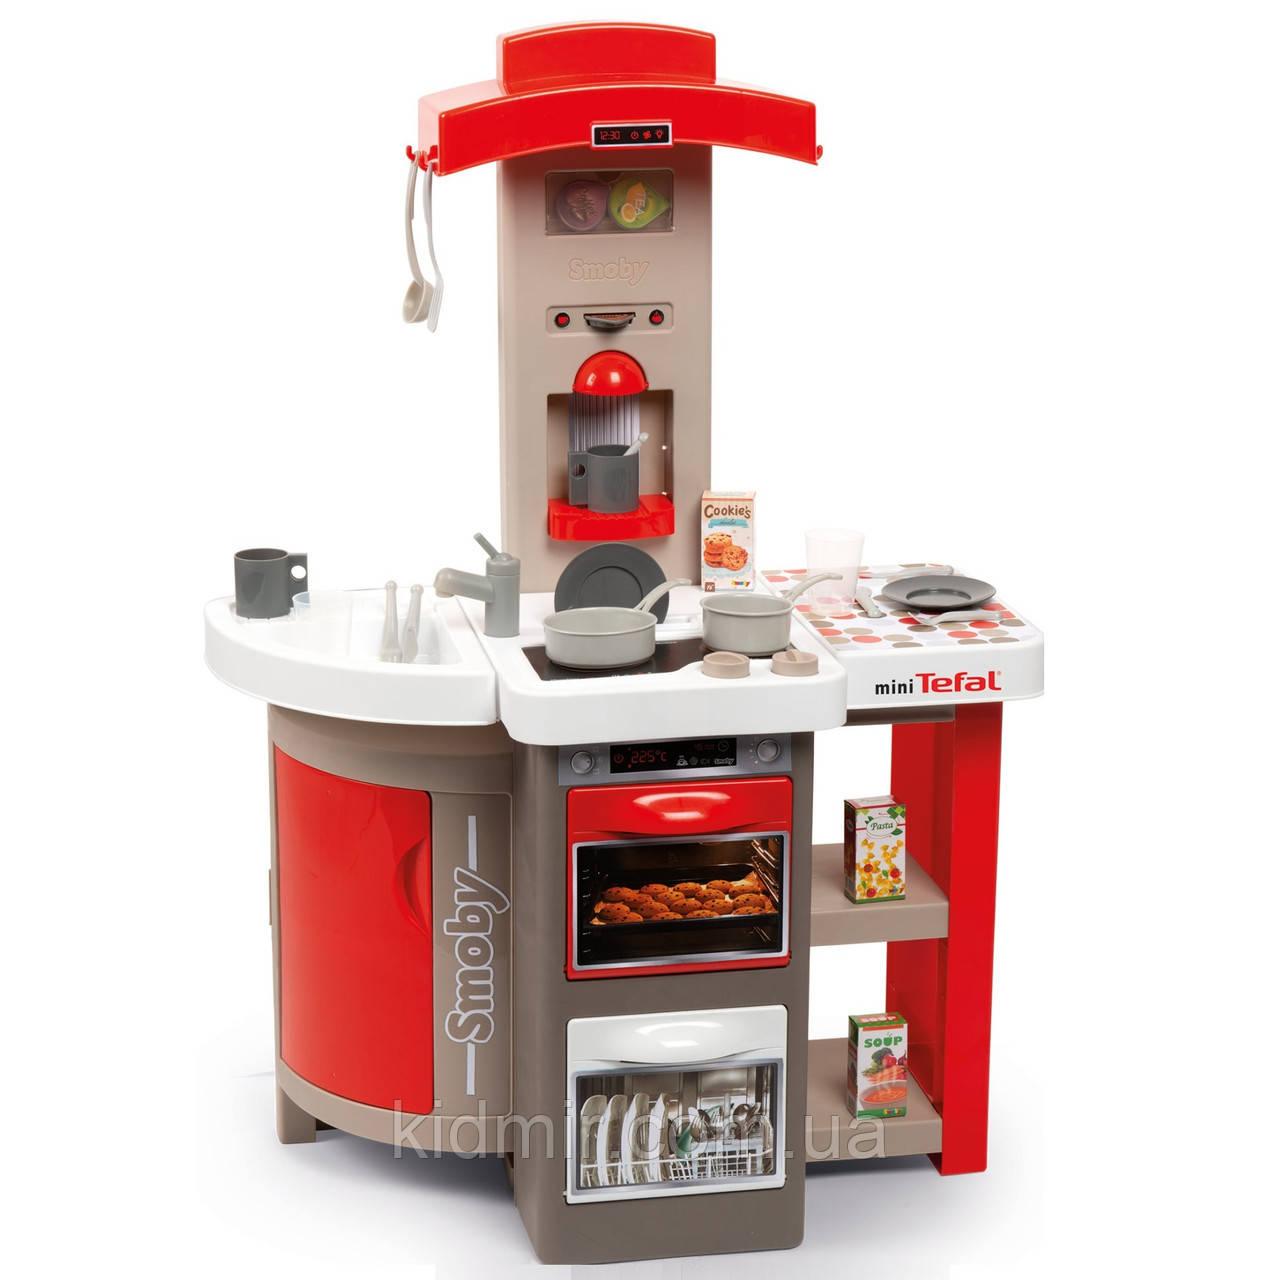 Кухня игрушечная Тефаль Повар раскладная красная Tefal Smoby 312200